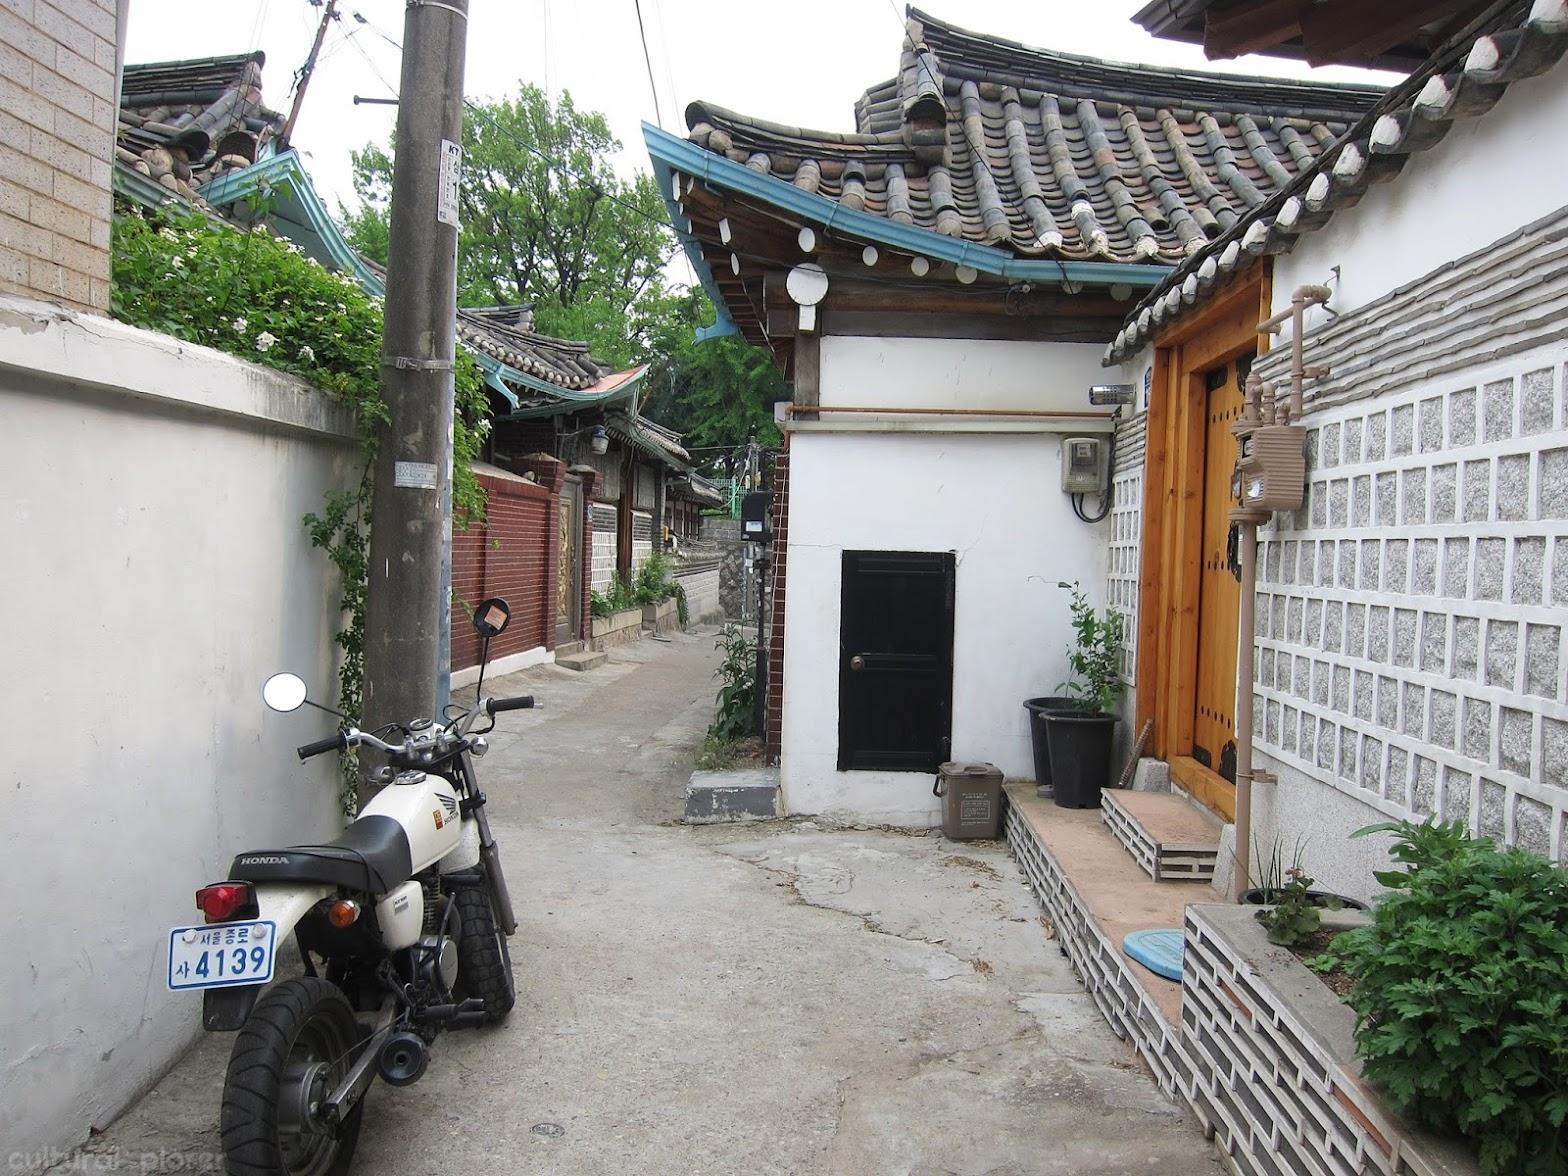 Bukchon Hanok Village Alley